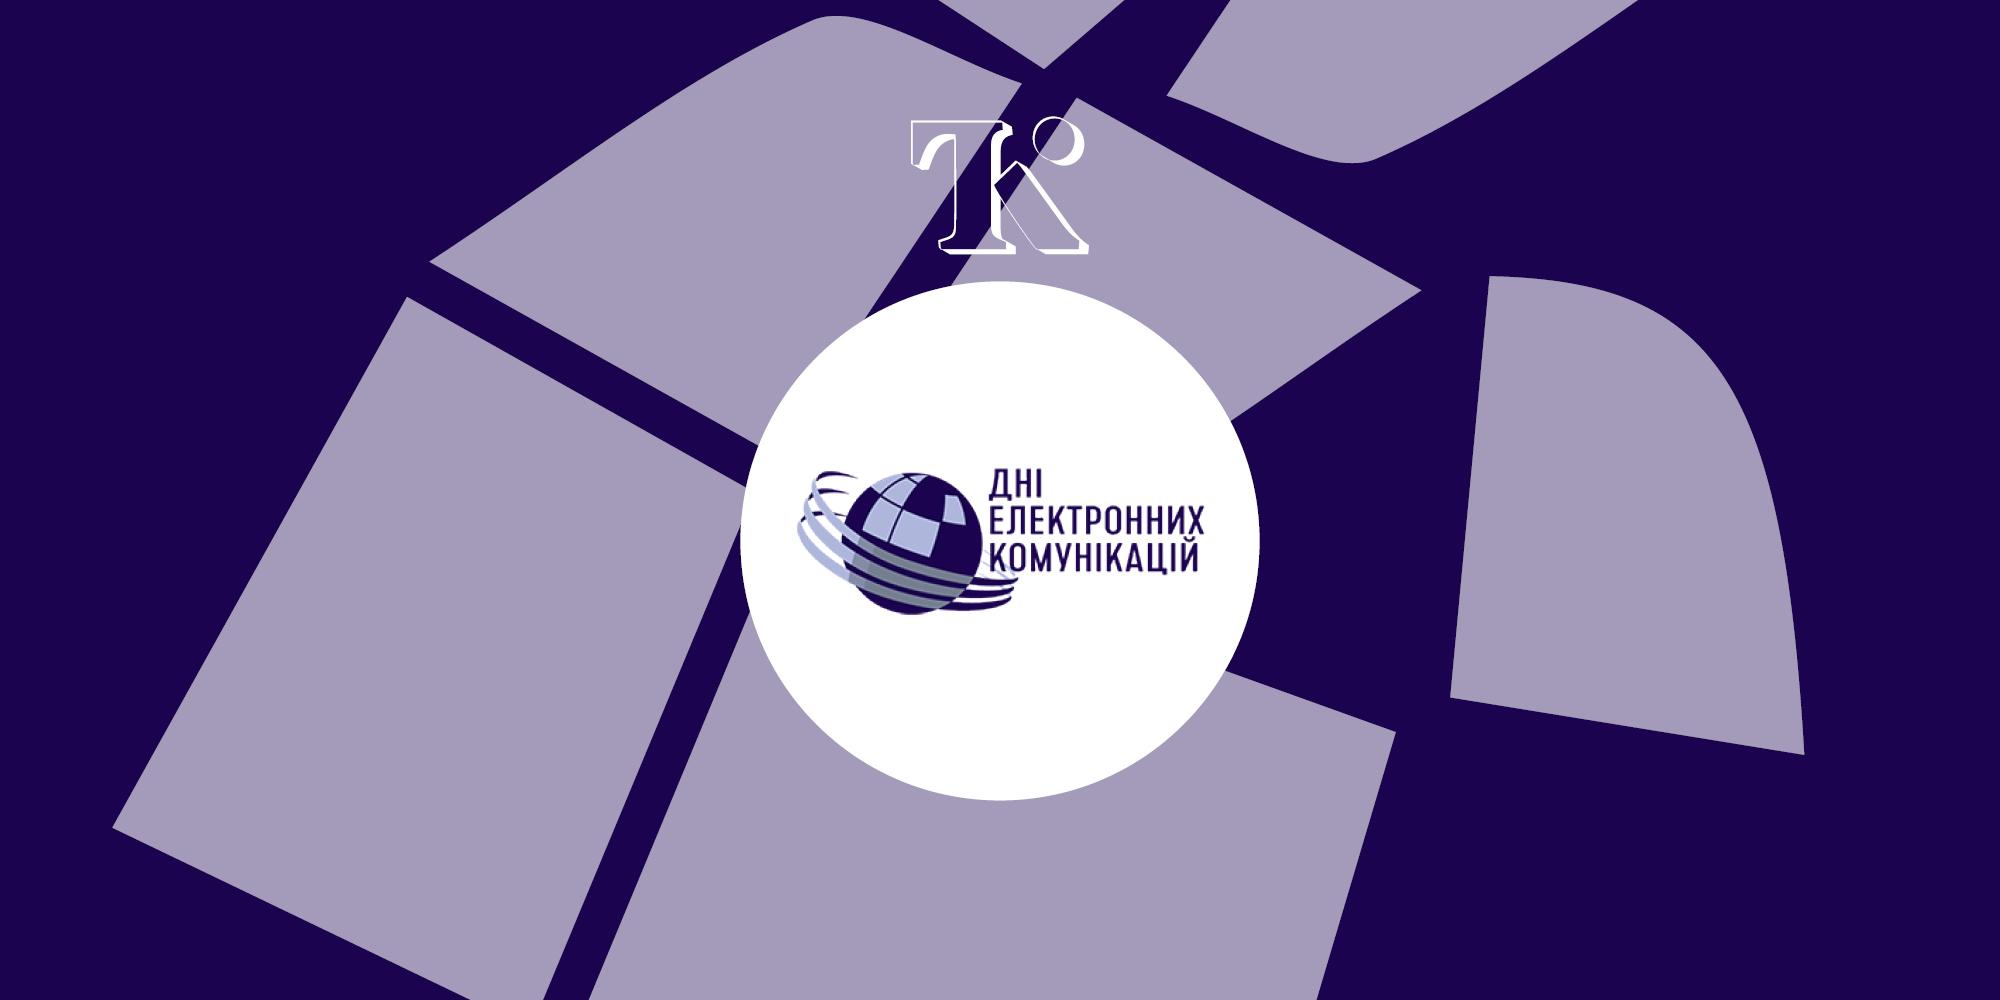 Тренды и риски: в Киеве стартовали «Дни электронных коммуникаций» (ОНЛАЙН-ТРАНСЛЯЦИЯ)